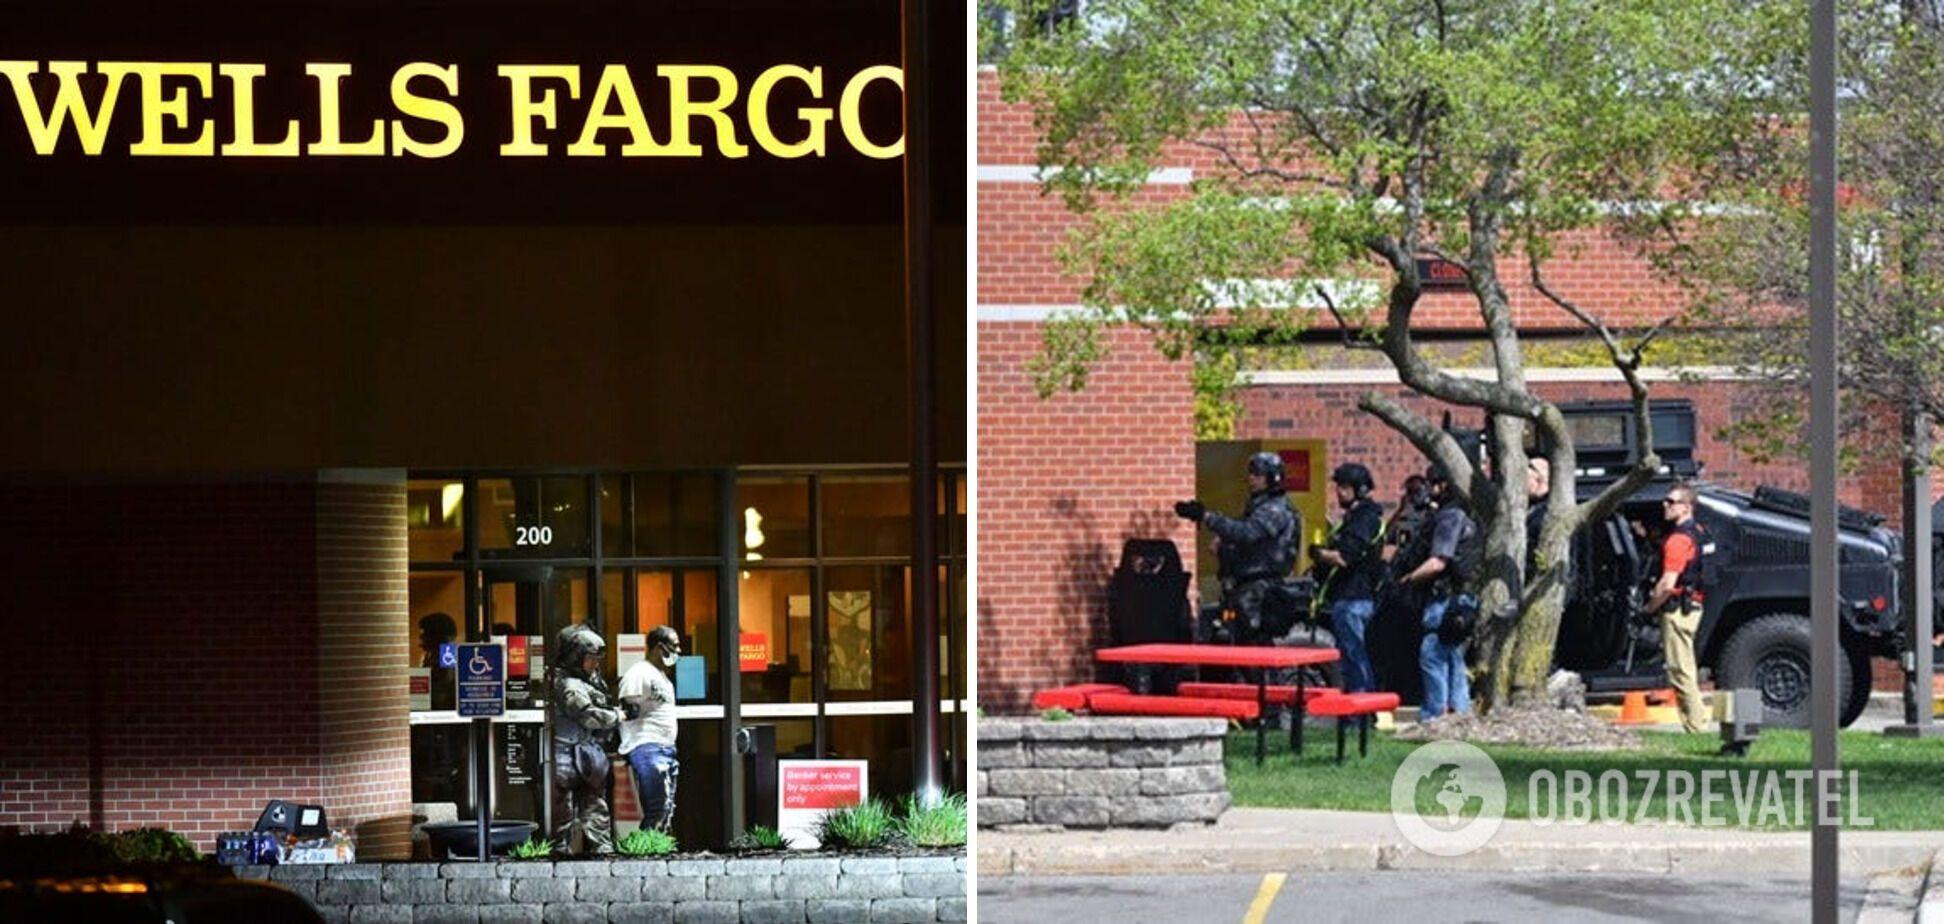 Невідомий напав на відділення банку Wells Fargo